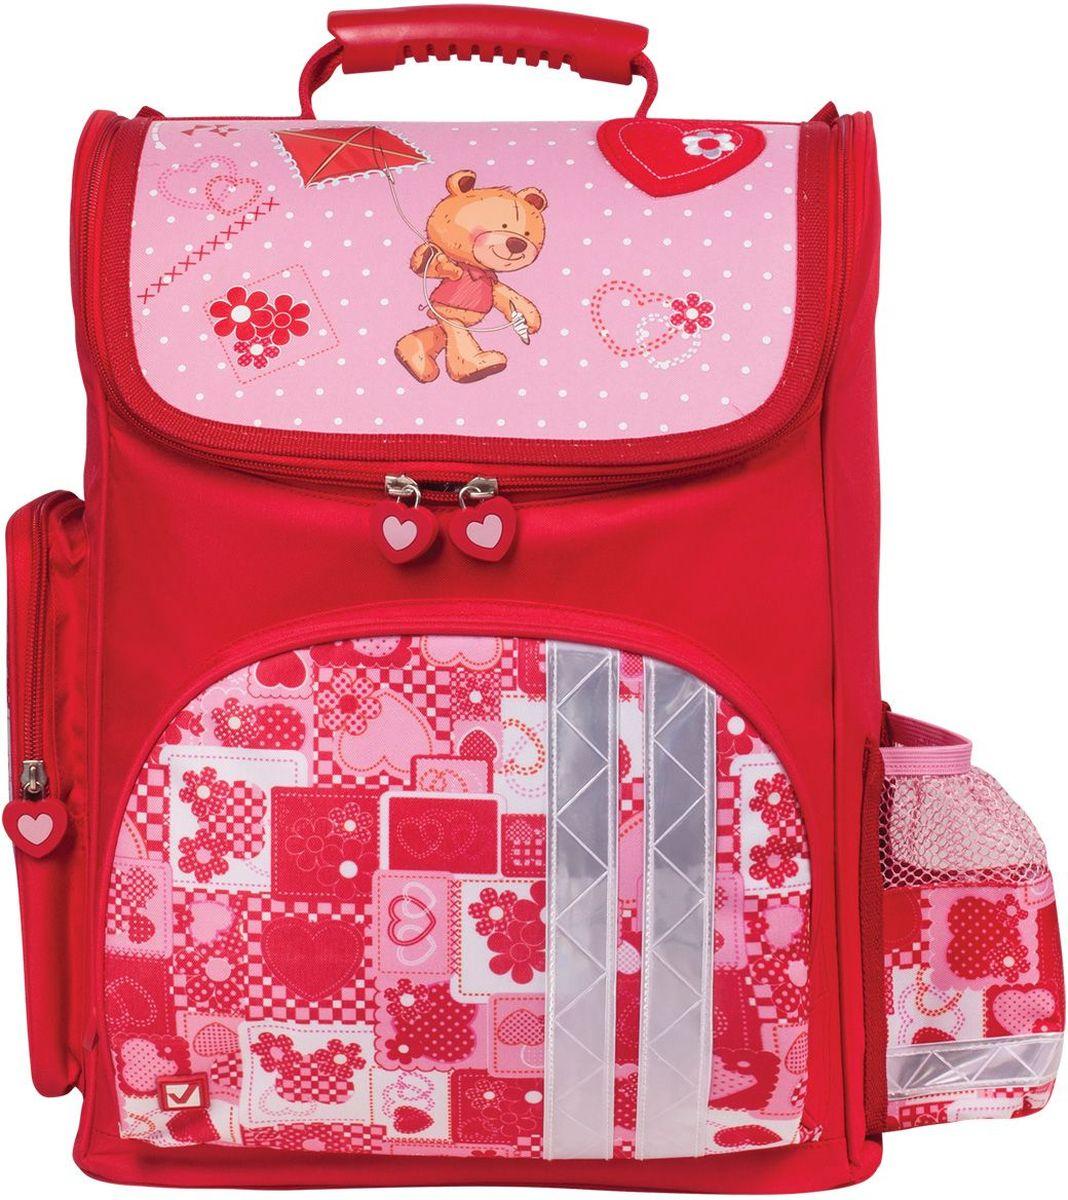 Brauberg Ранец школьный Мишка 225315225315Ранец Мишка предназначен для девочек 7-10 лет. Он выполнен в красно-розовом цвете и дополнен необычным принтом на карманах. Благодаря такой яркой расцветке, с этим ранцем ребенок всегда будет выглядеть нарядно.•1 отделение, 3 кармана. •Уплотненные боковины из EVA. •Формоустойчивая спинка из EVA. •Светоотражающие элементы с четырех сторон ранца. •Карточка для персональных данных школьника. •Дно из плотного водонепроницаемого материала. •Вес ранца - 0,8 кг. •Размер: 38х29х16 см. •Объем: 20 л.